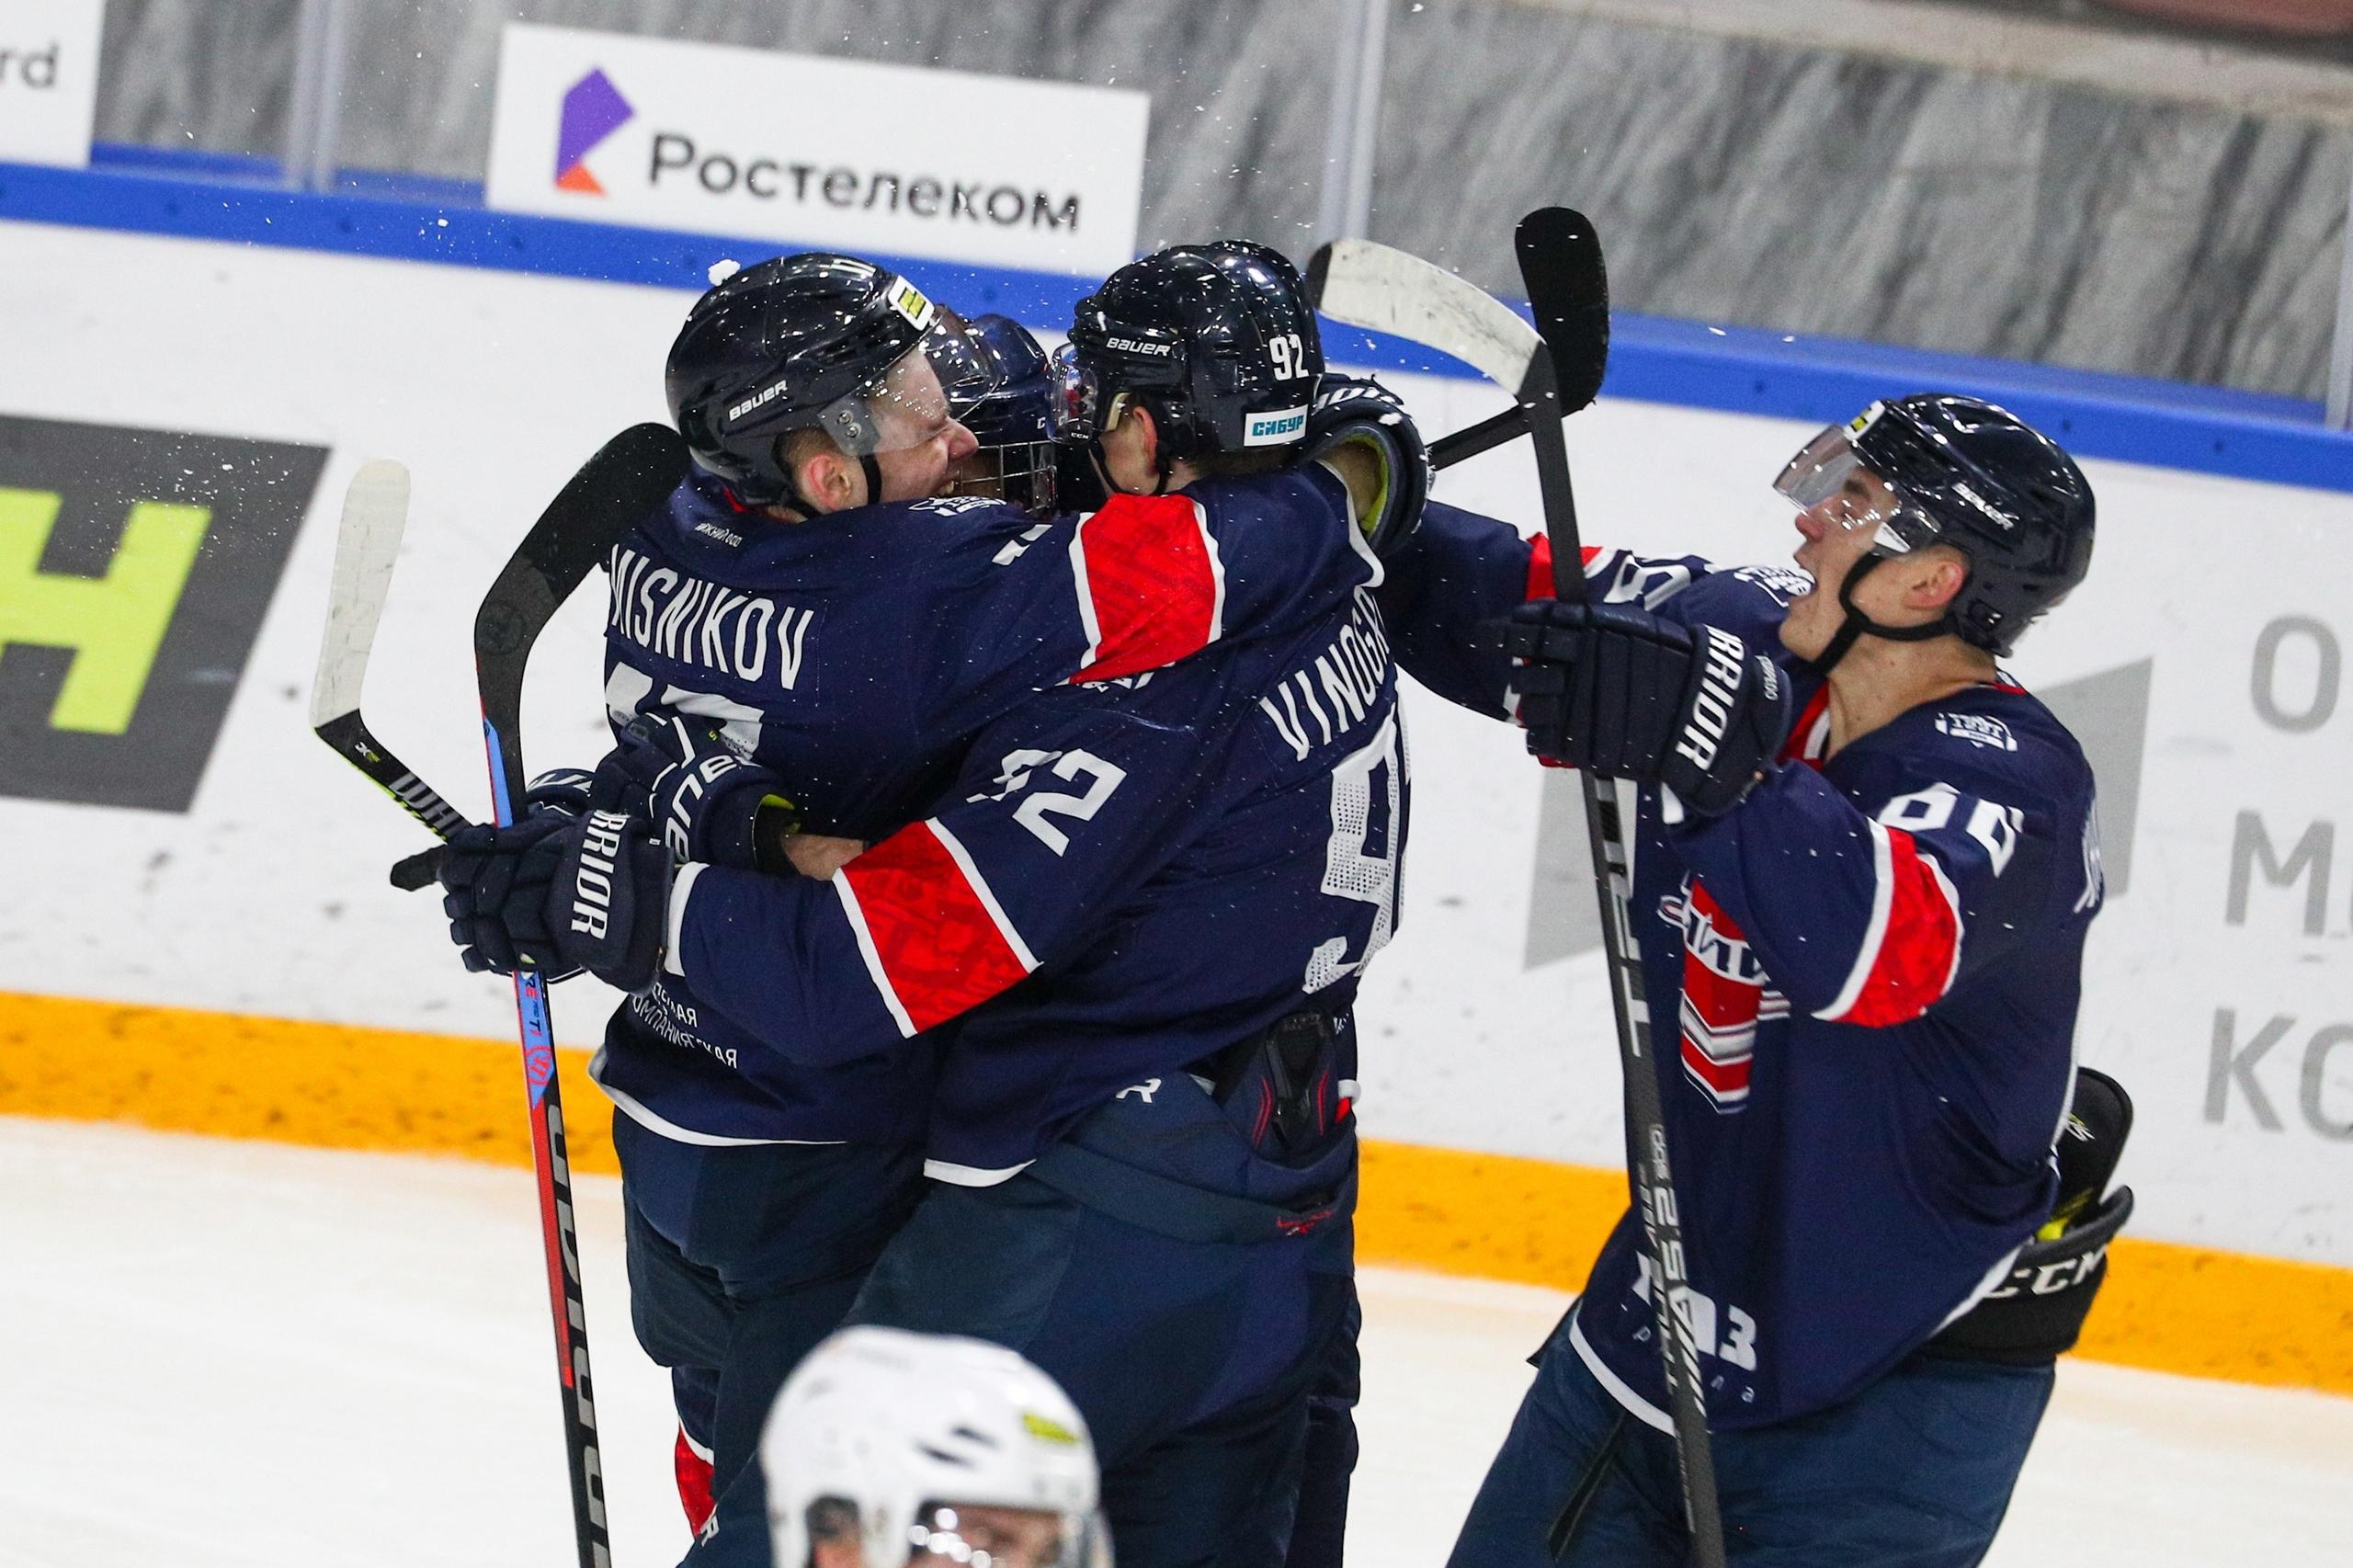 Повторная победа над Казанью!